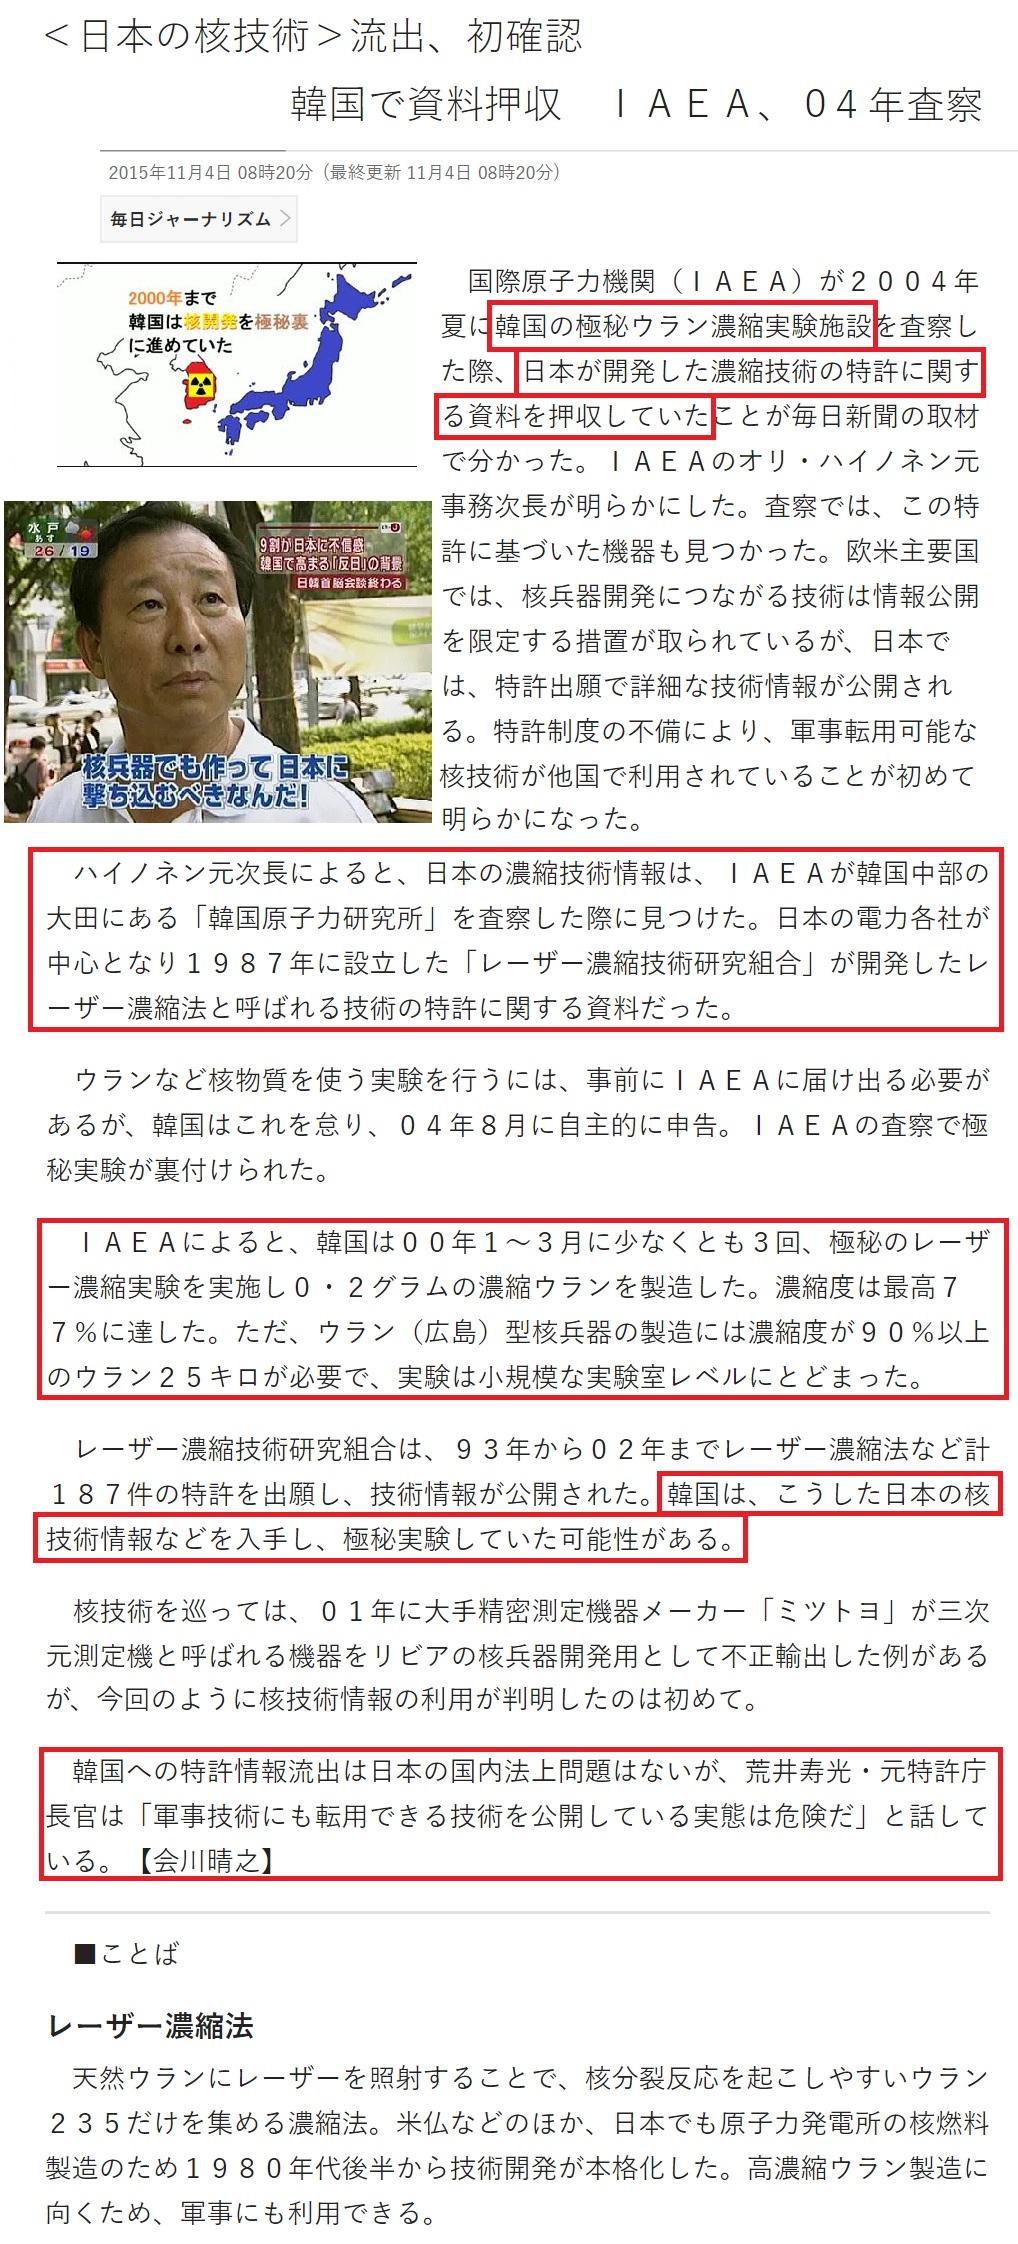 下朝鮮が日本の核技術を盗んで核開発を極秘研究&実験